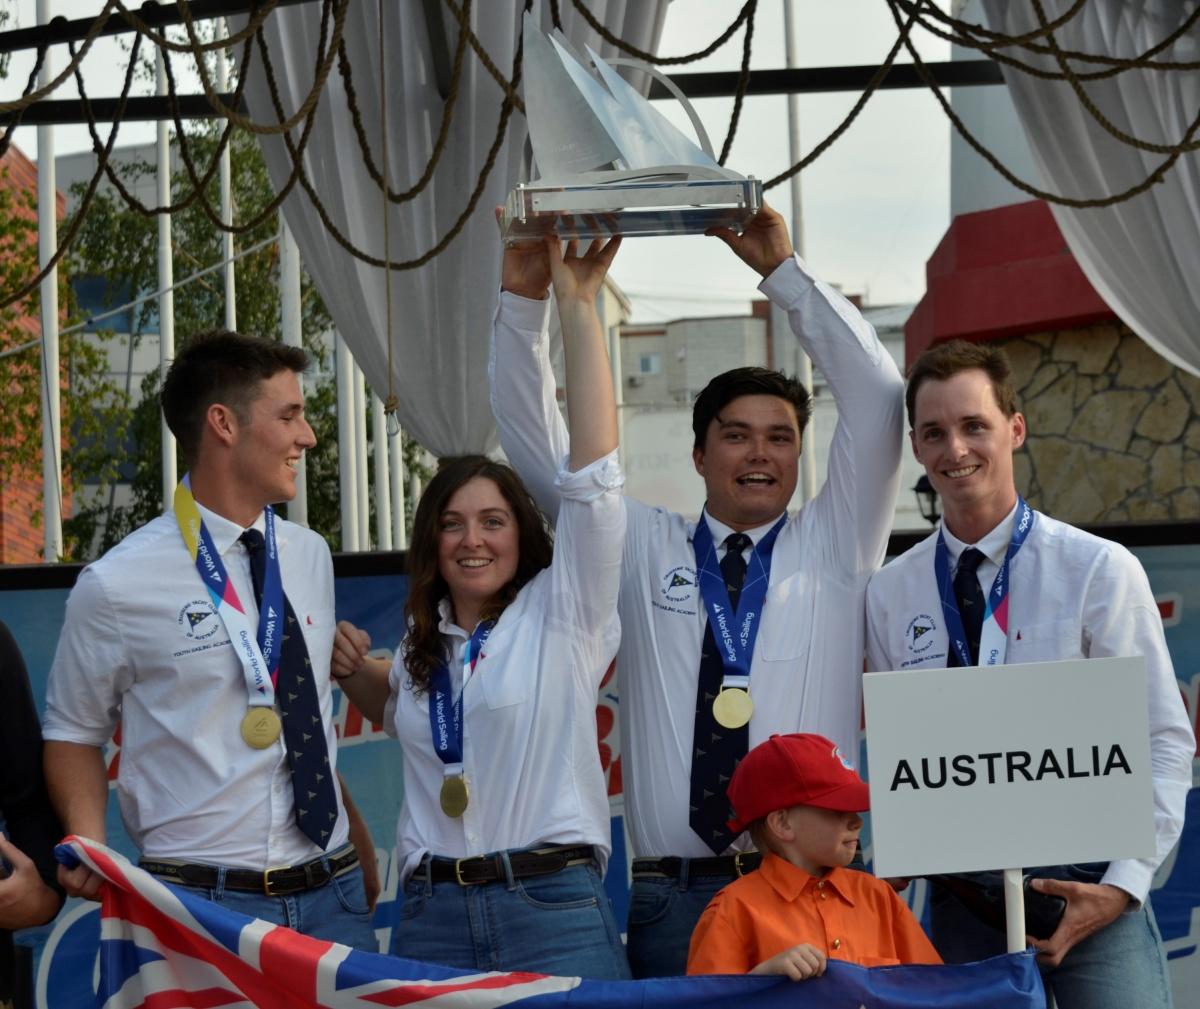 Австралийцы вырвались вперед в первый день соревнований